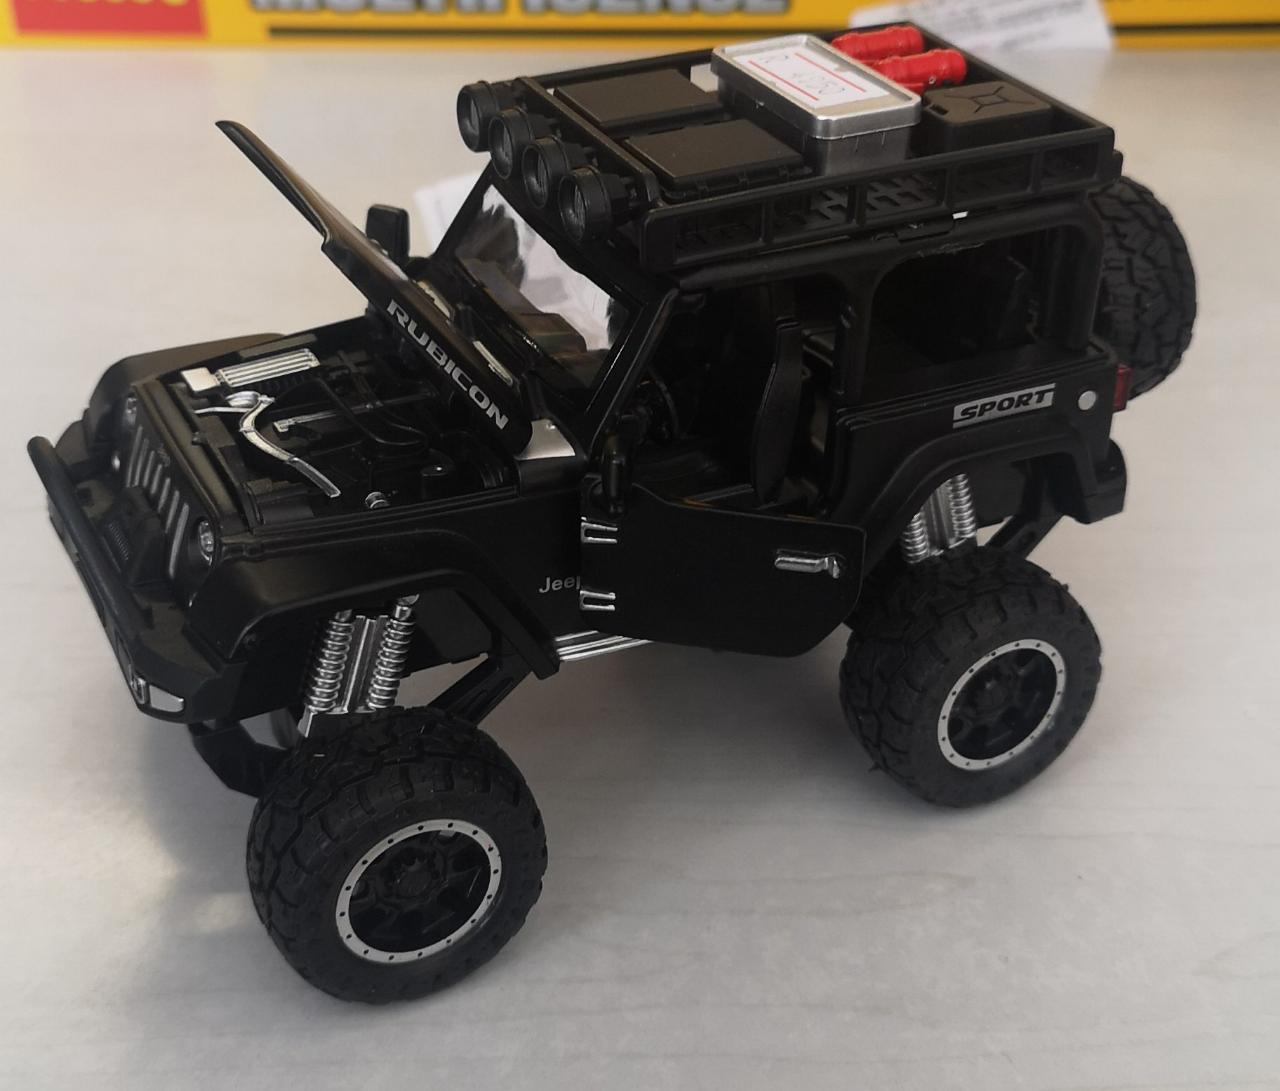 Металлическая модель автомобиля Jeep - фото 4